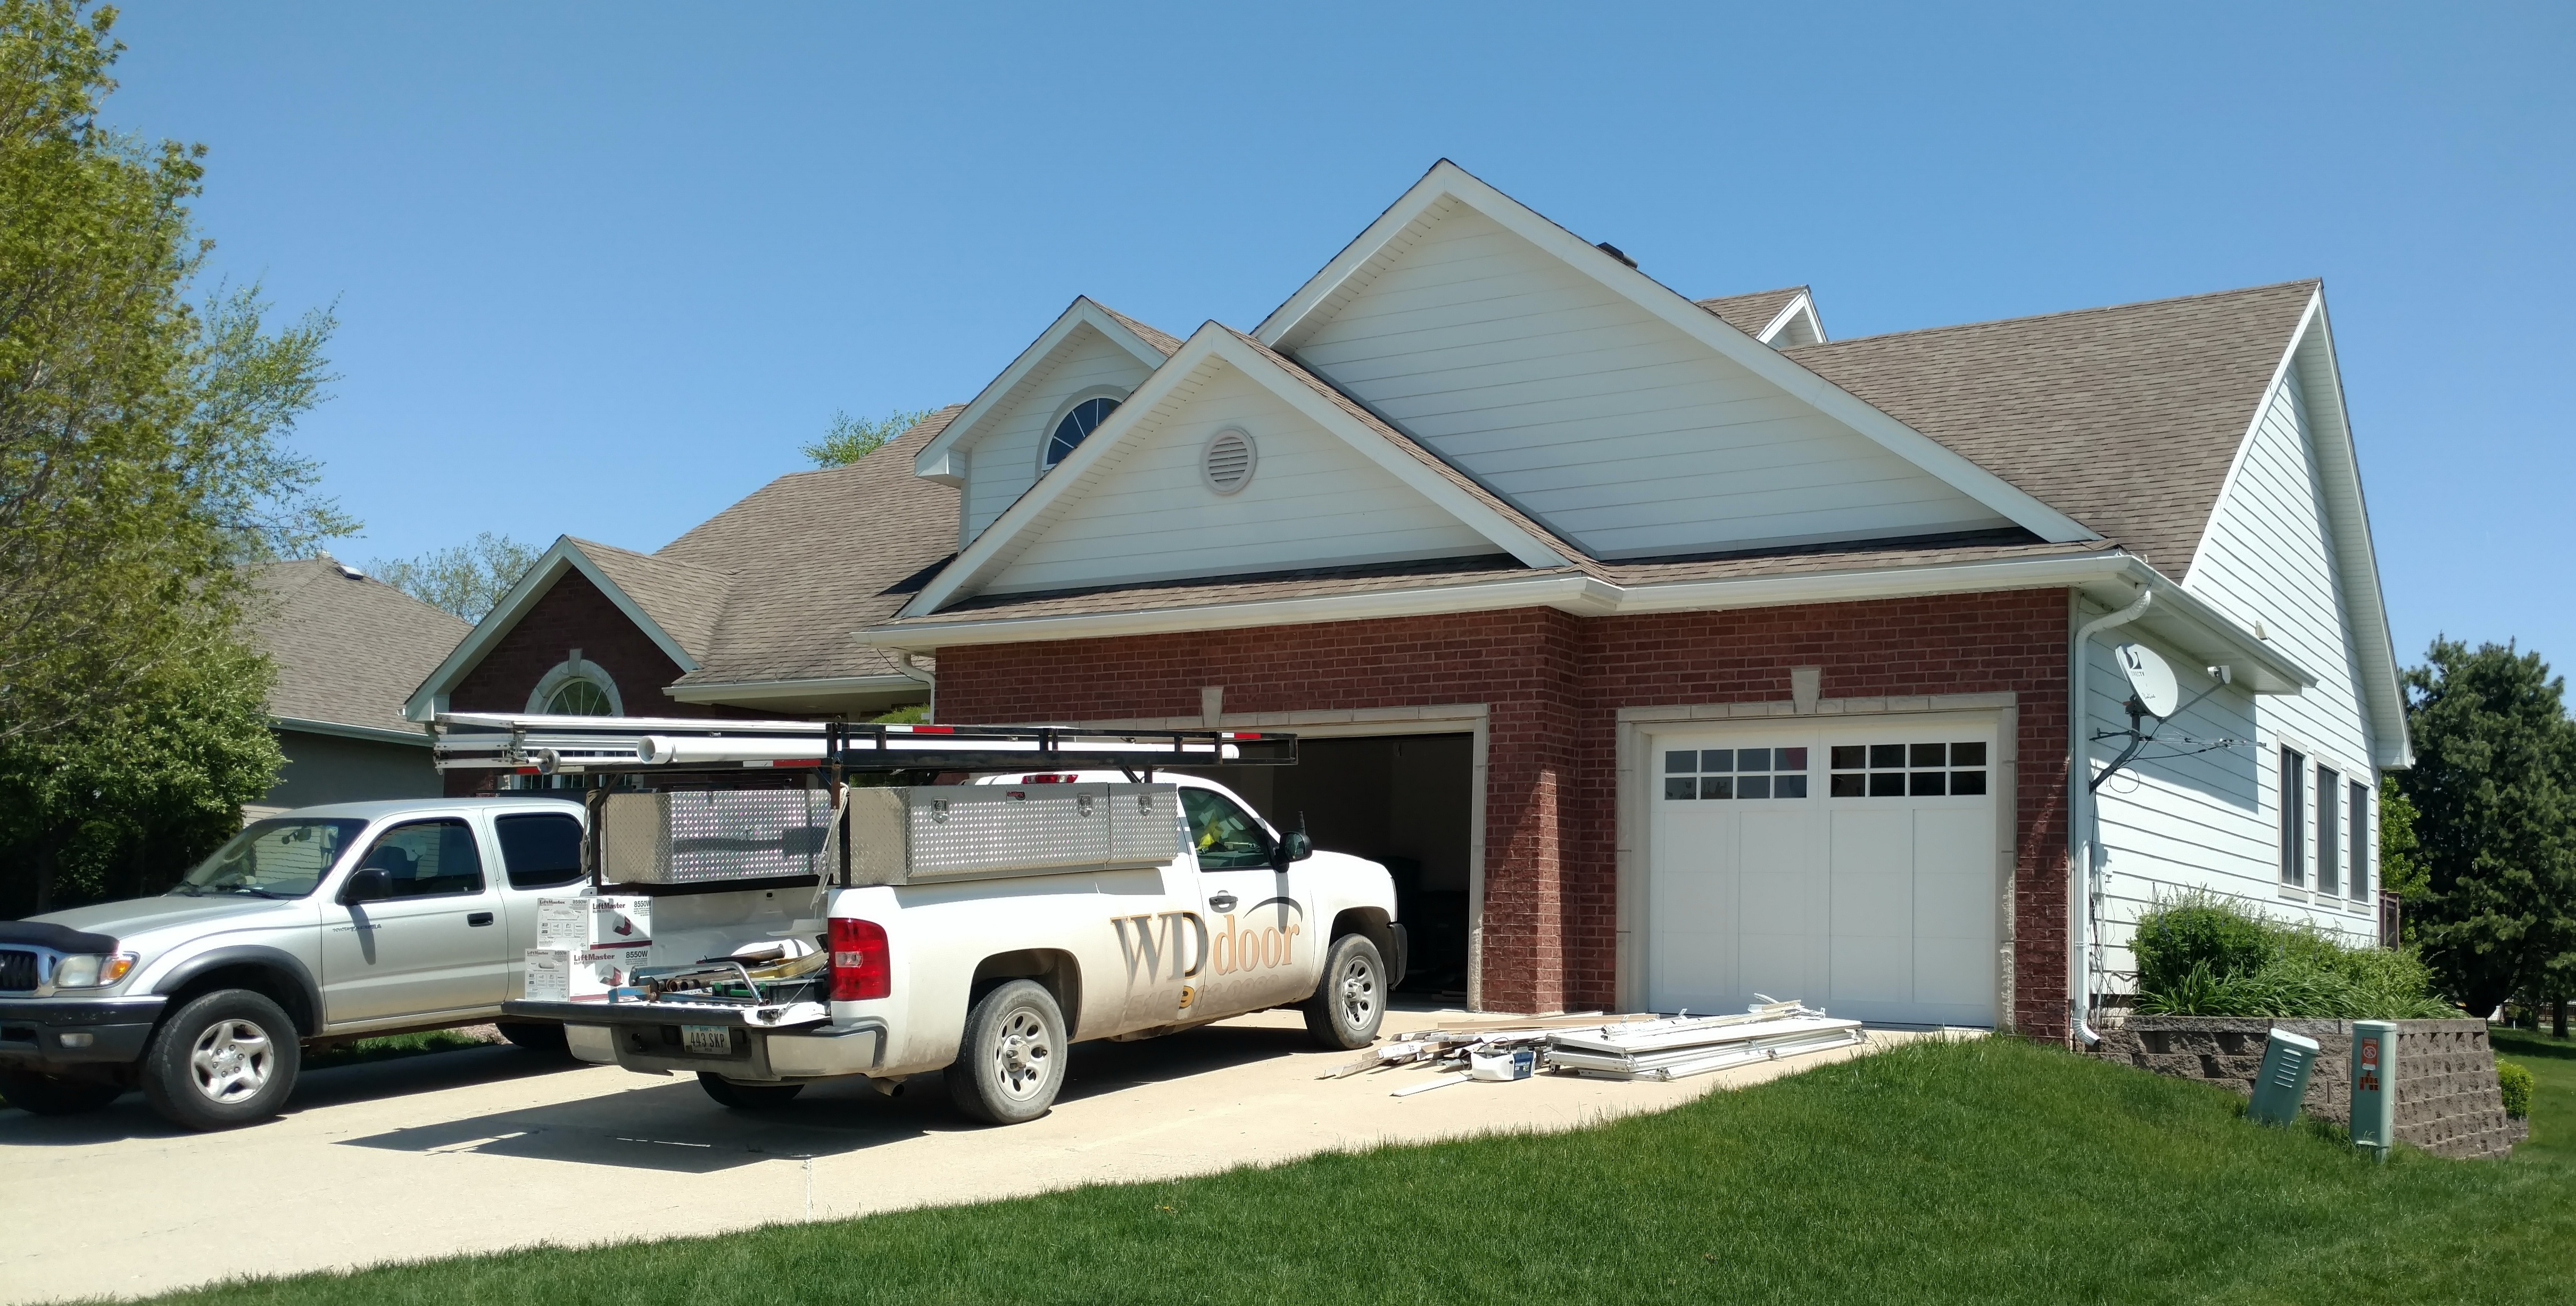 WD_Door_residential_garage_door_installation-456756-edited.jpg